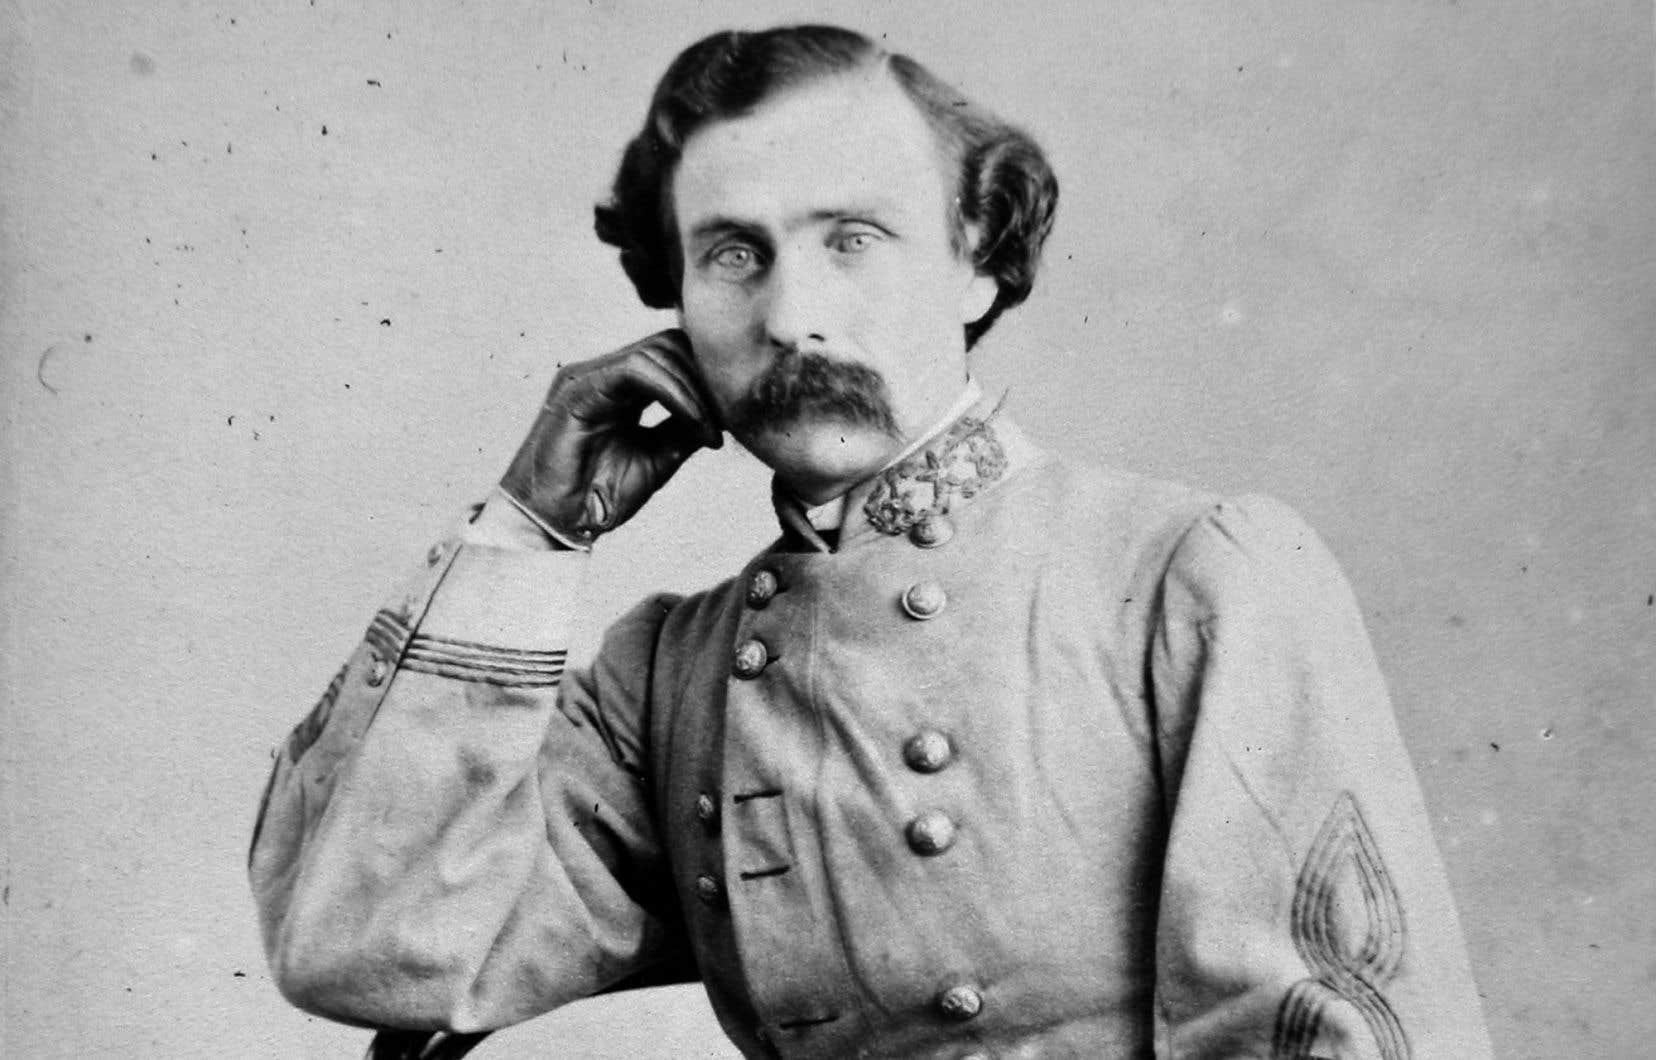 Le général Daniel M.Frost était un des activistes sudistes présents à Montréal.